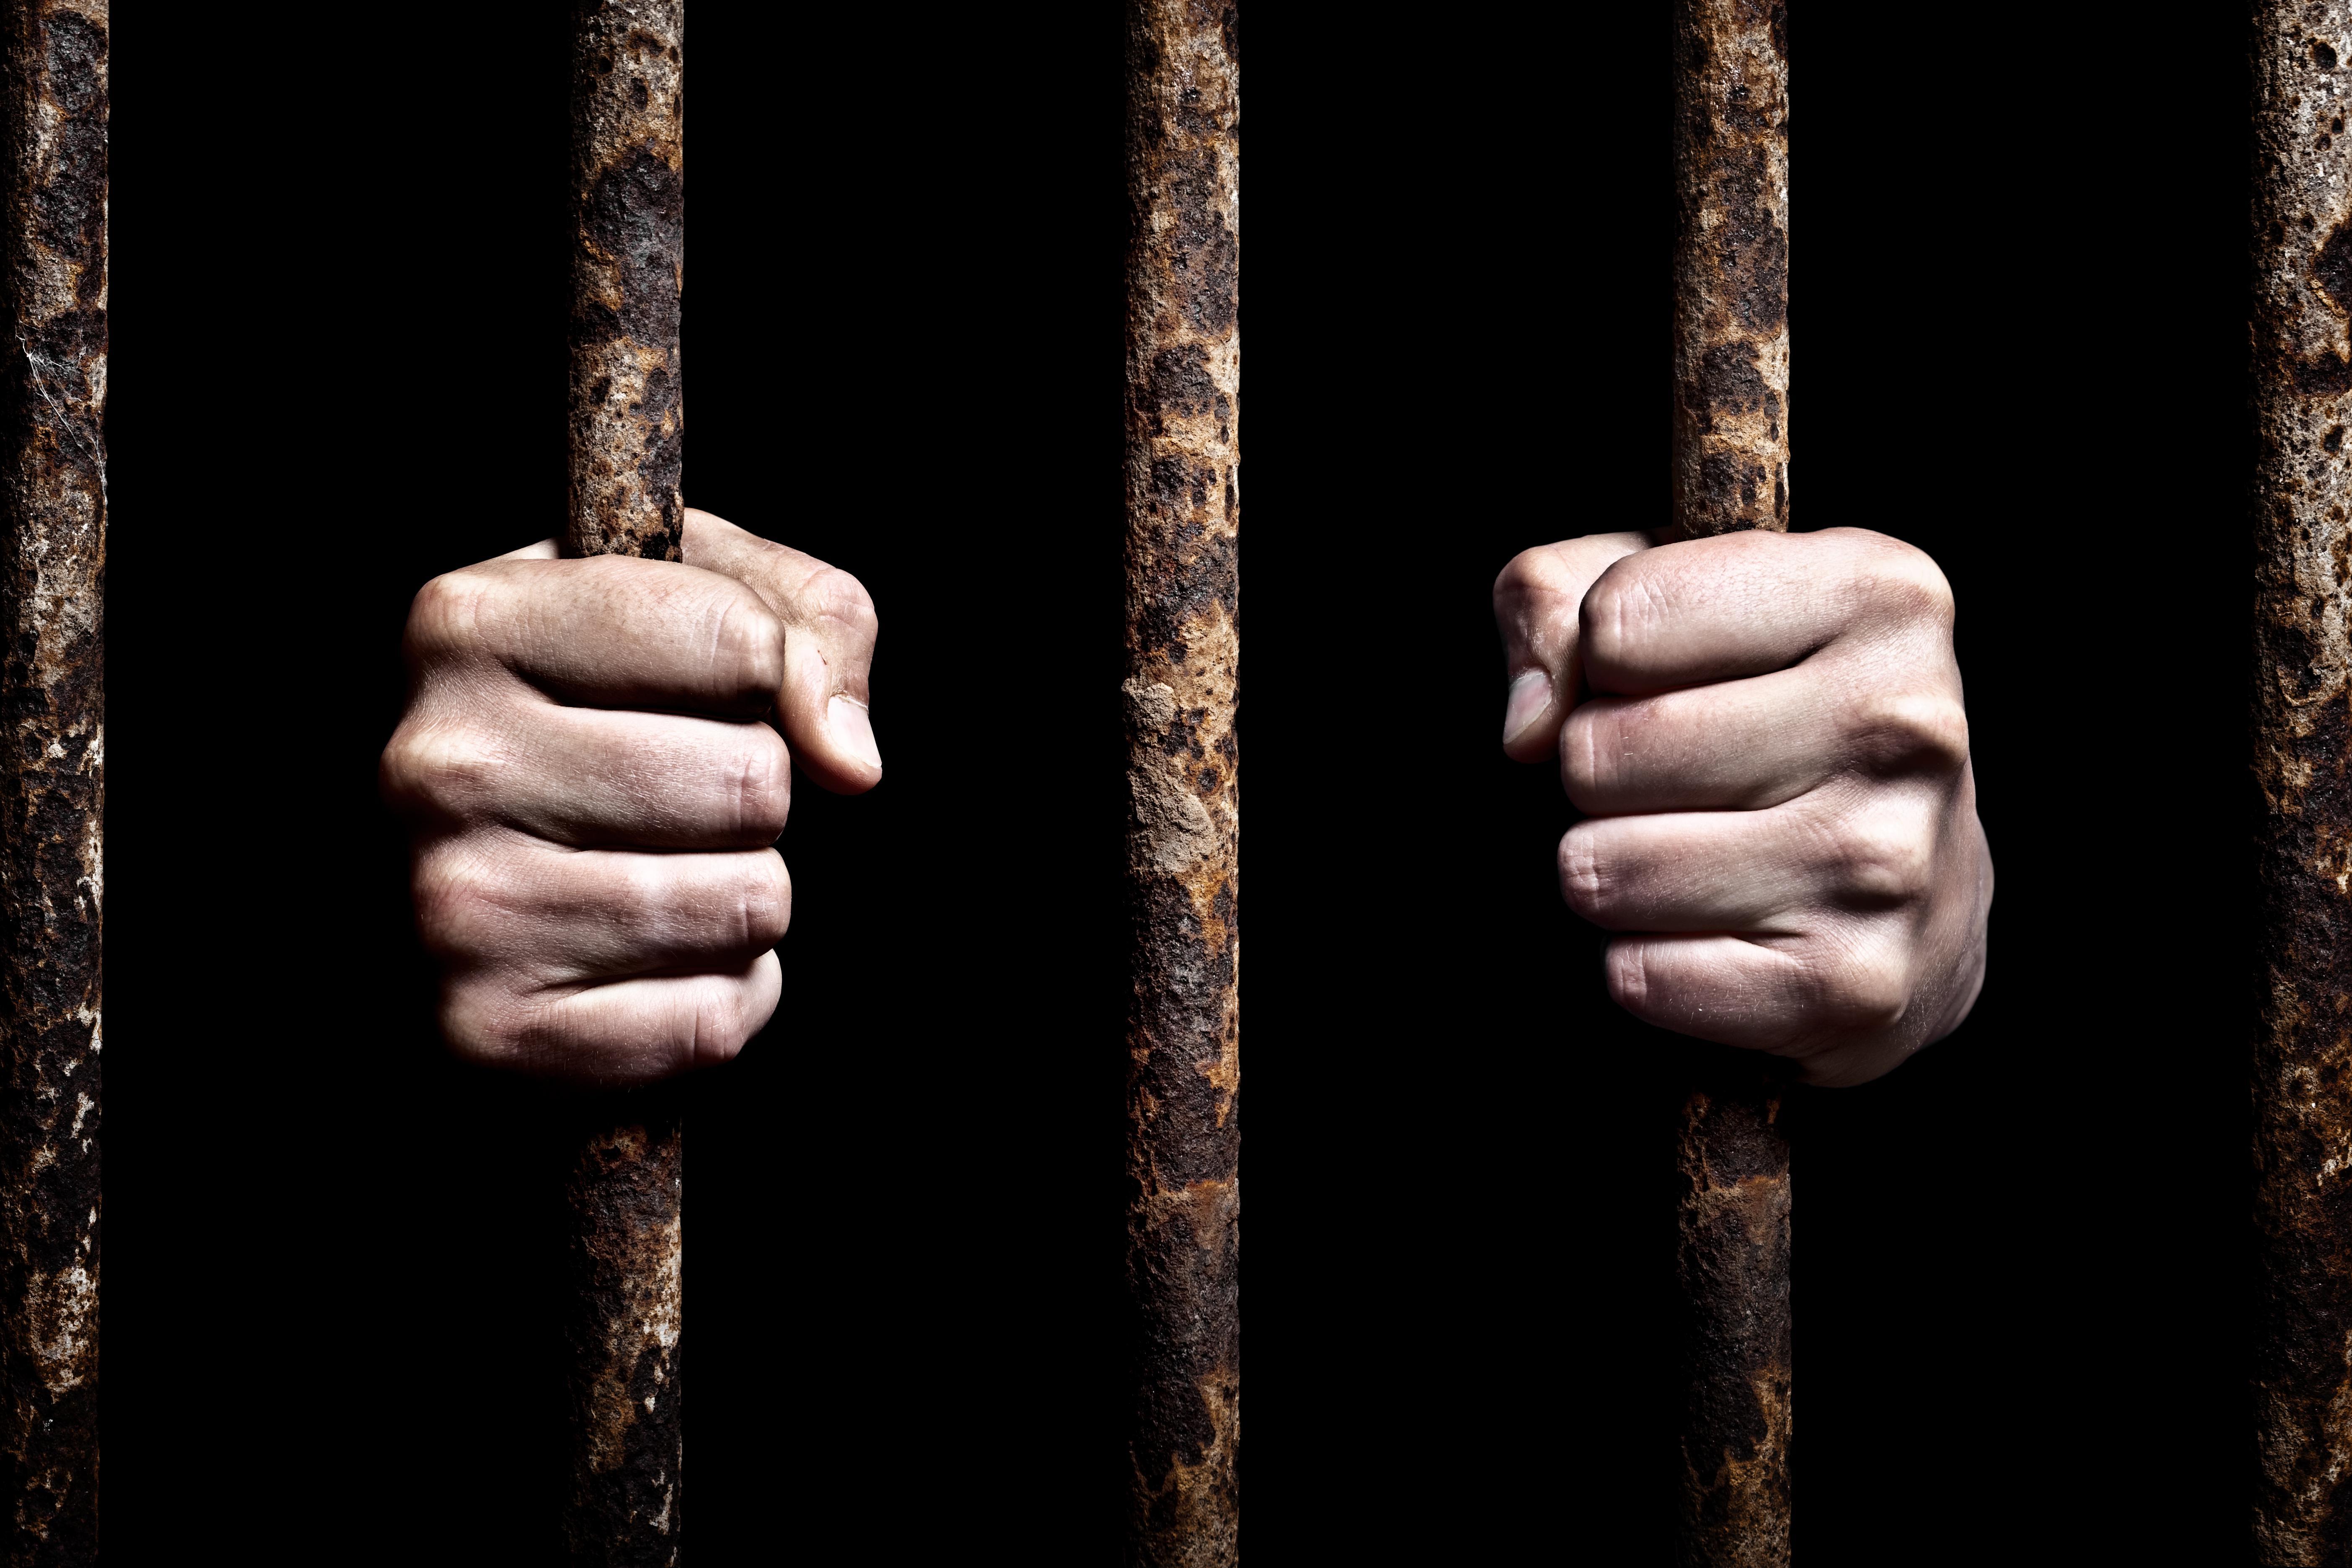 Na de doodstraf moet ook levenslang afgeschaft worden, een beschaafde samenleving doet niet aan marteling | commentaar